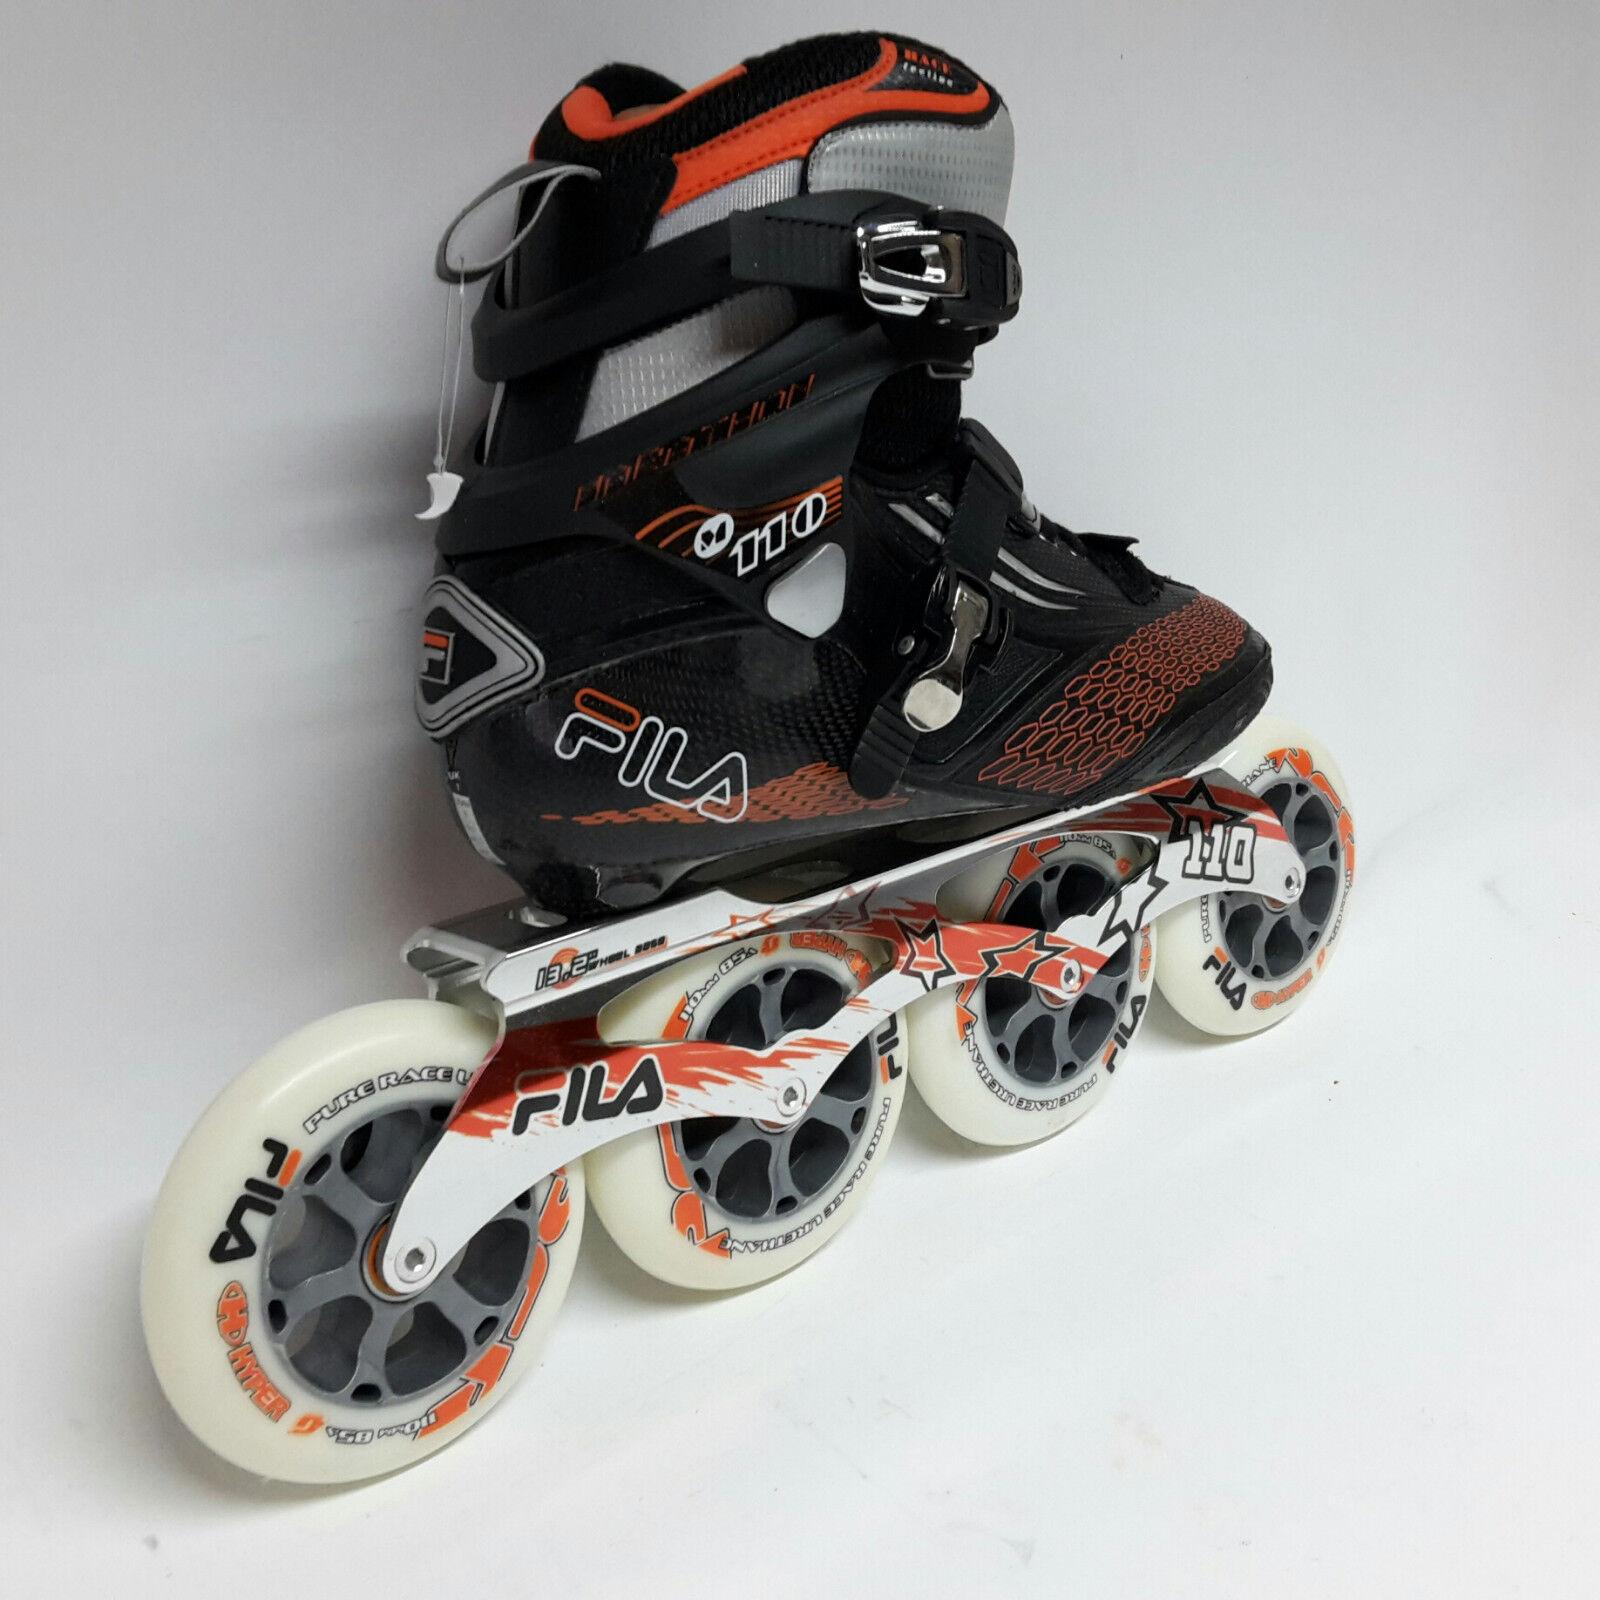 41 TOP Fila M 110 black Speedskate Marathon Inline Skates 110 mm Rollen Gr Inline-Skates